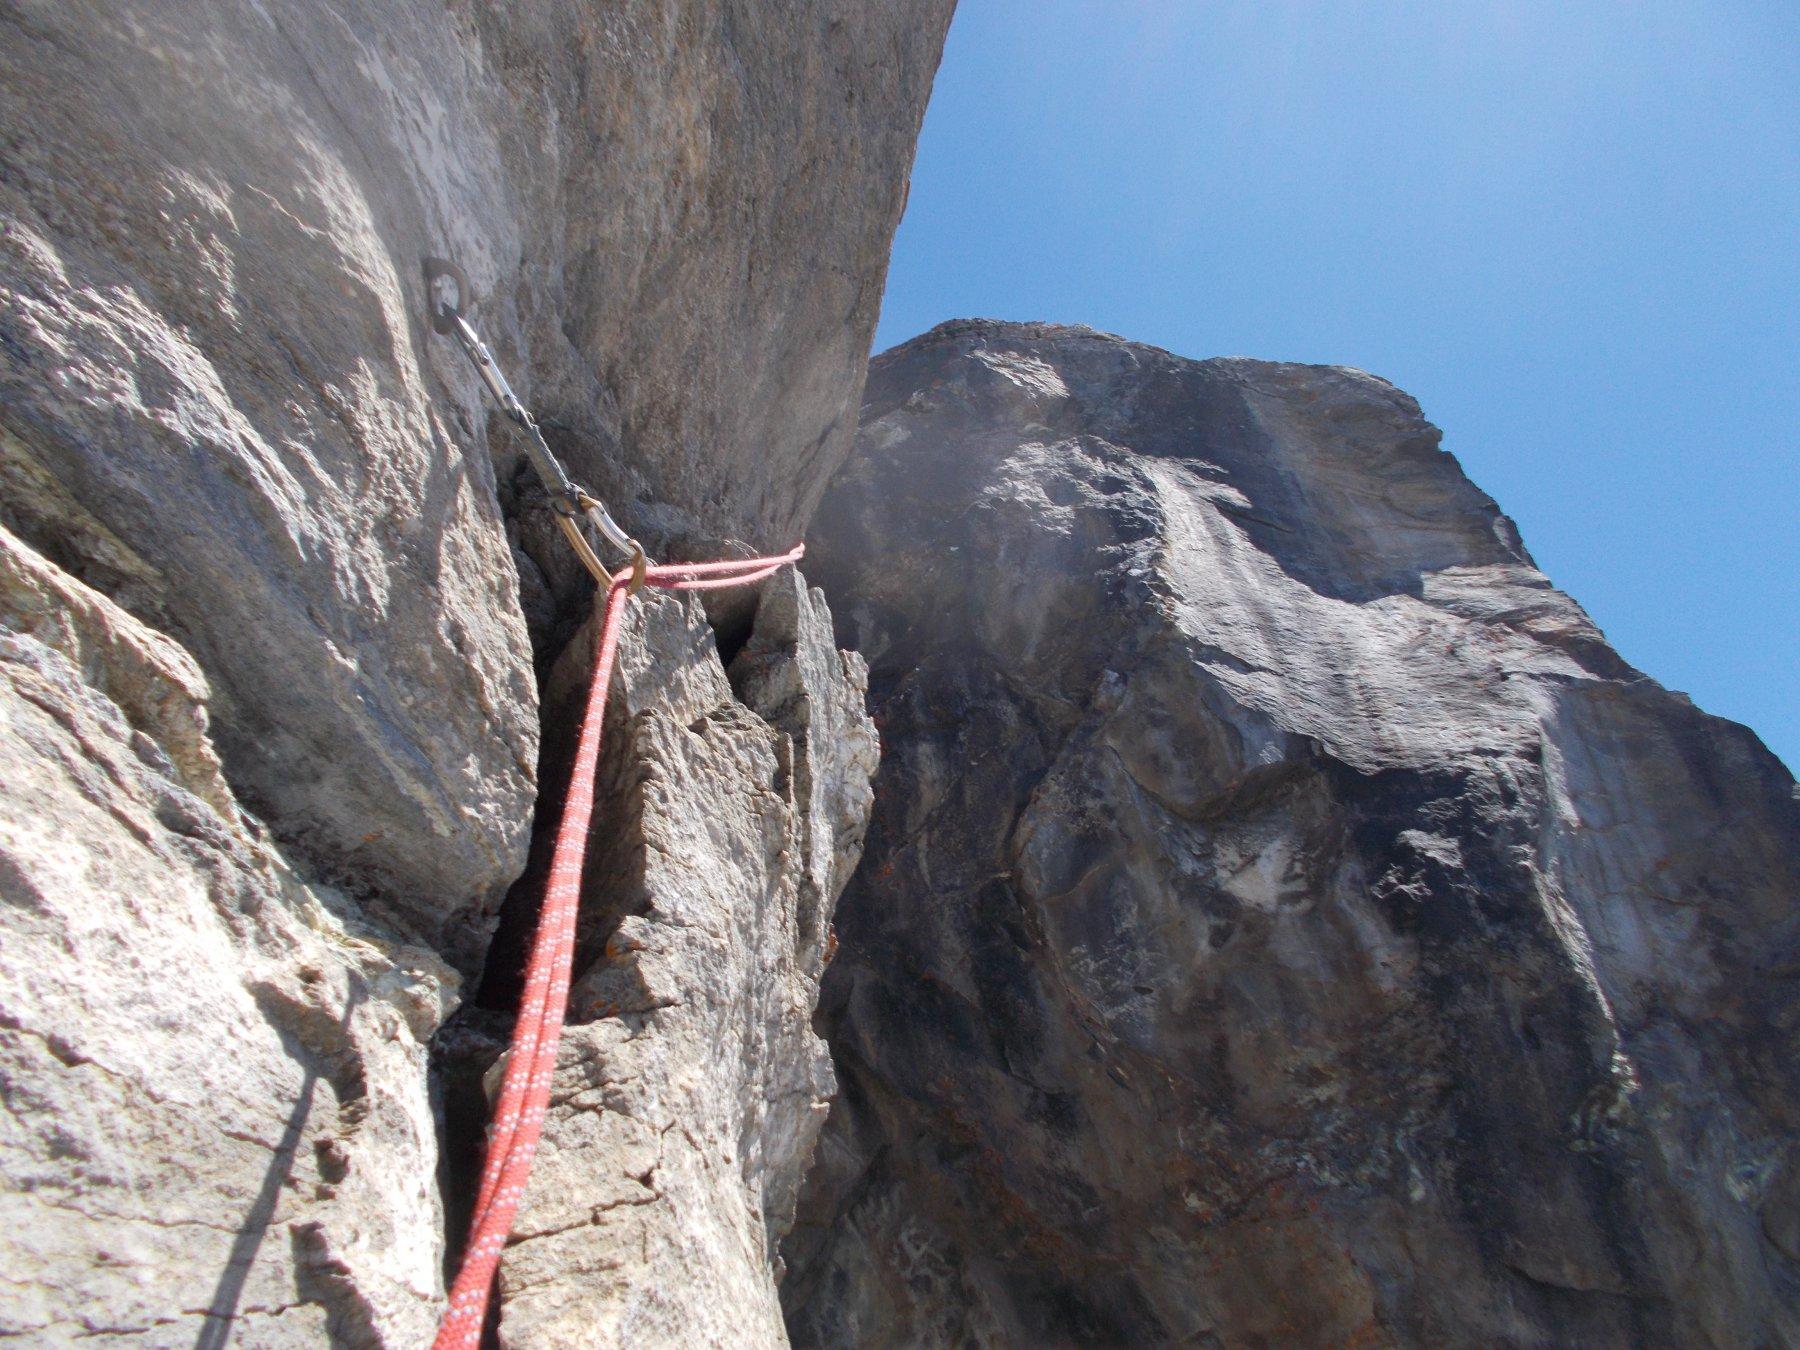 ultimissima fatica..il muro finale poco sotto la croce di vetta..